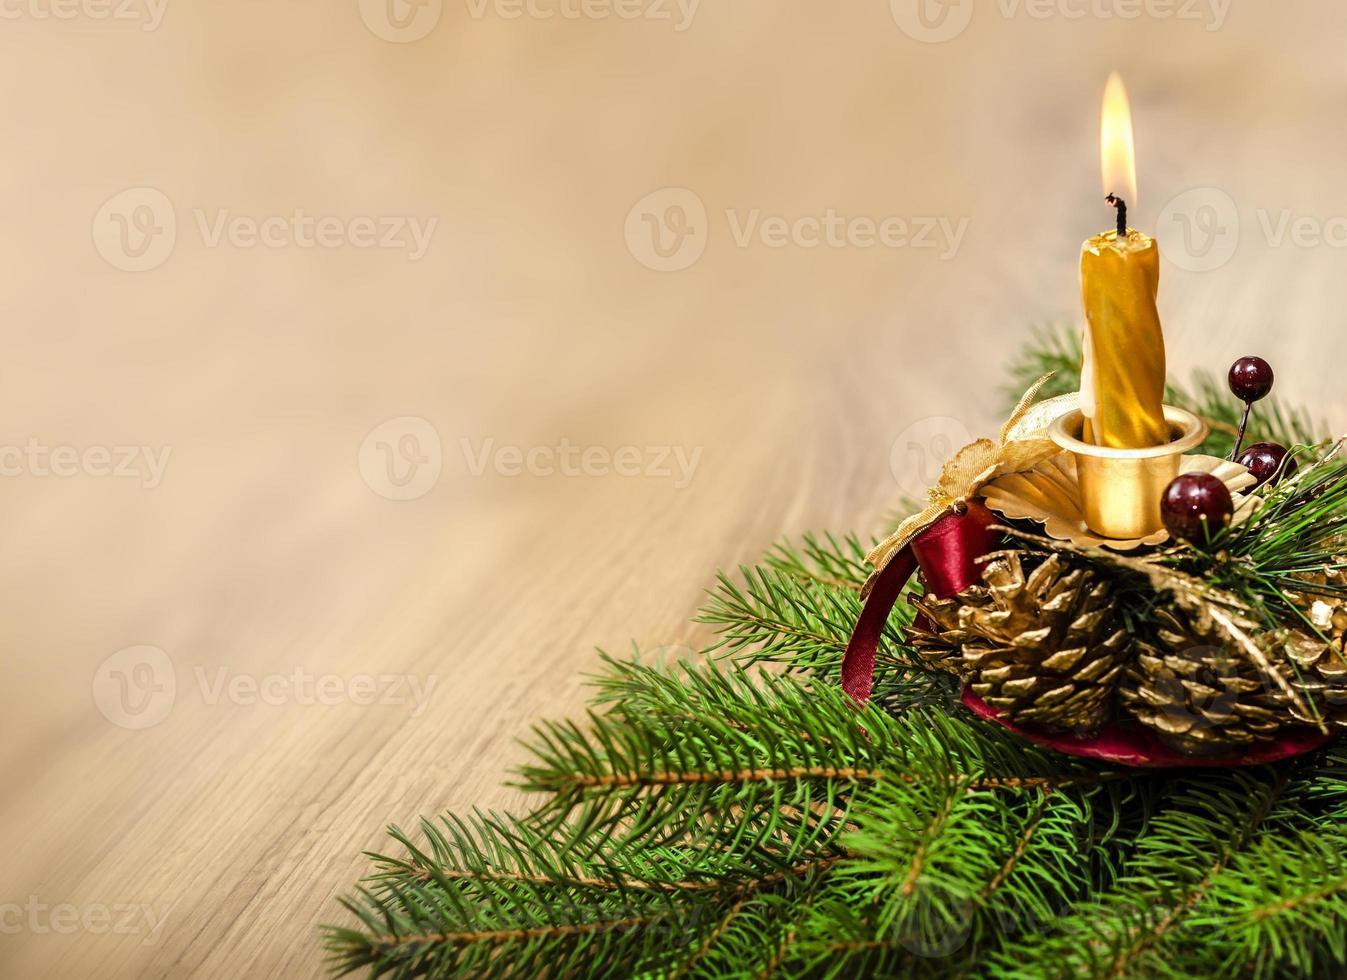 joyeux Noël photo